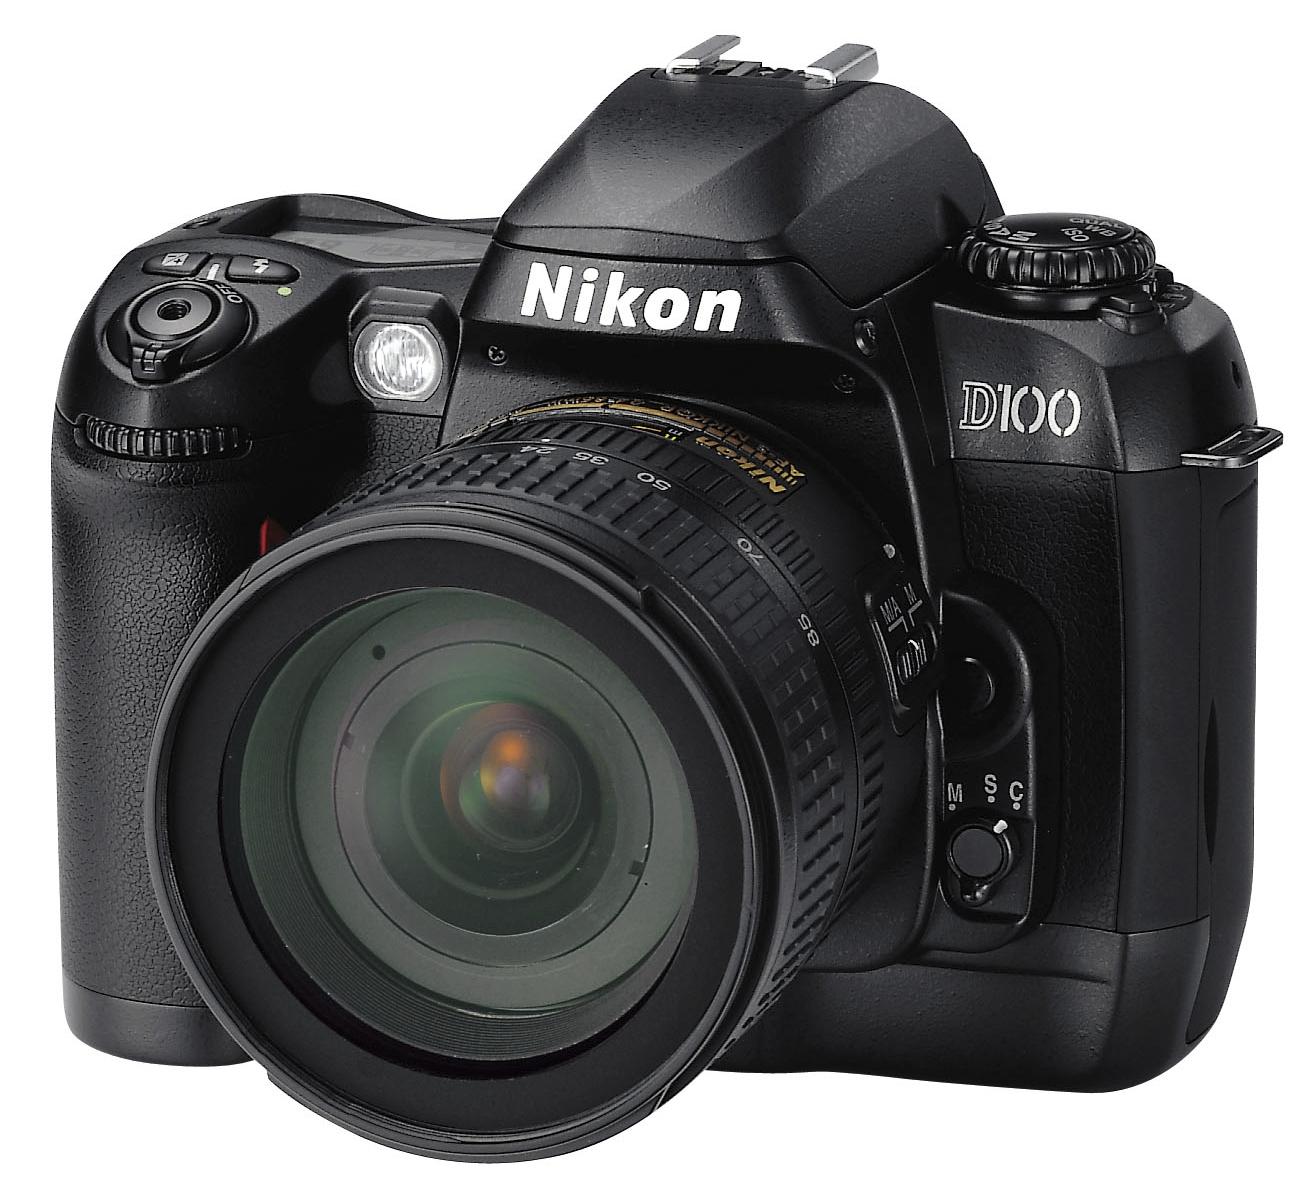 První cenově dostupná DSLR Nikonu –D100, představená v roce 2002